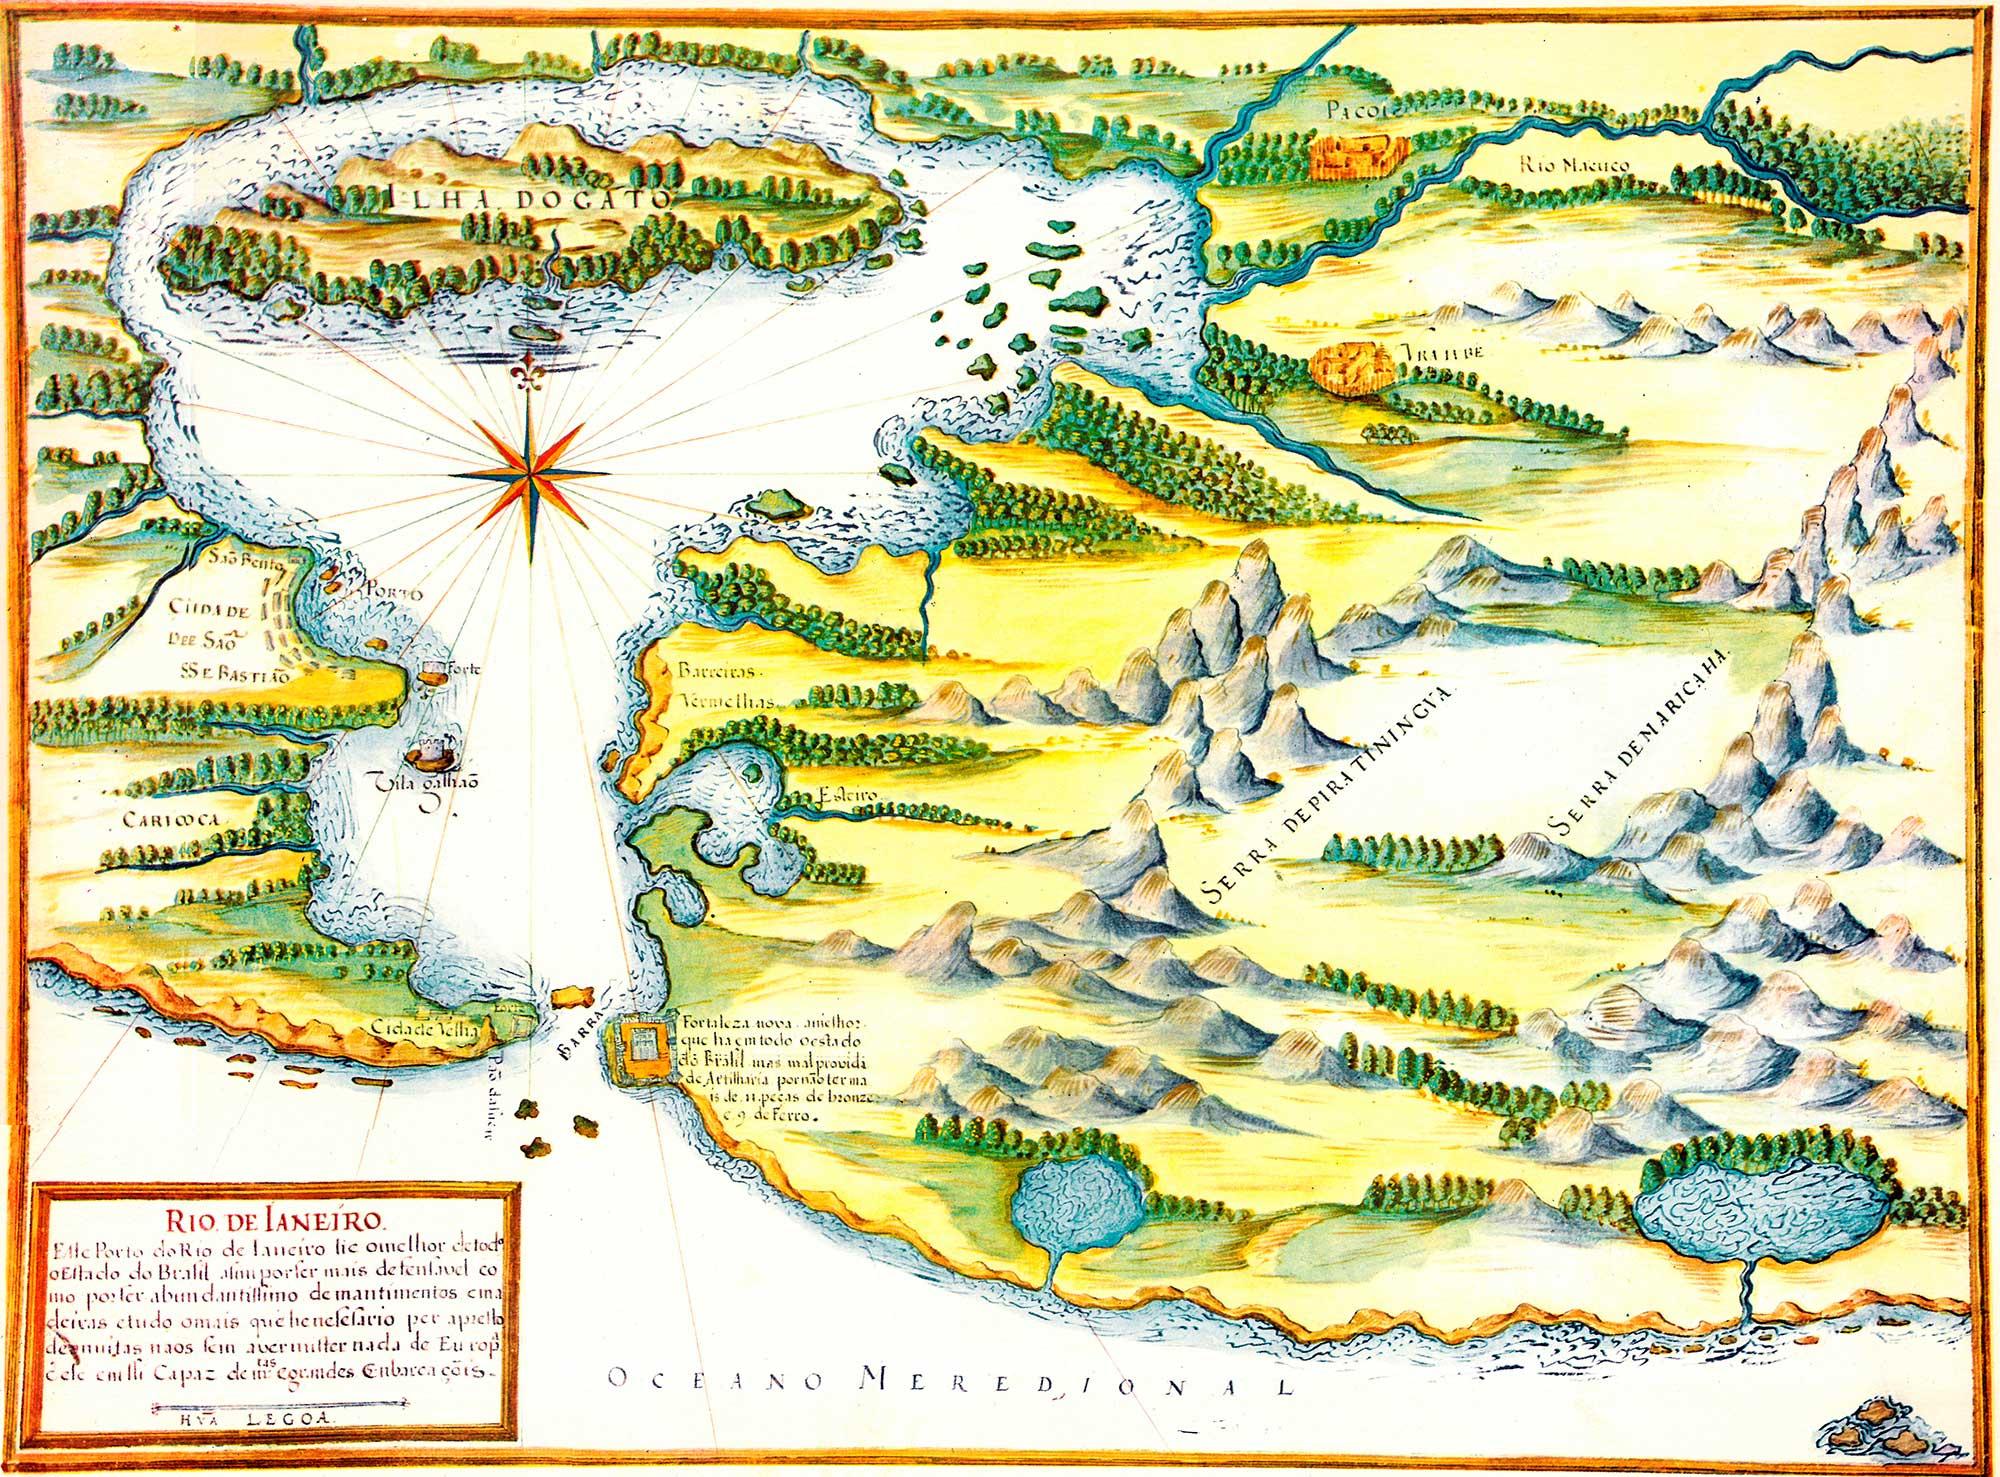 (2) Rio de Janeiro. Carta náutica <br> Reprodução de manuscrito do século XVII. Acervo particular